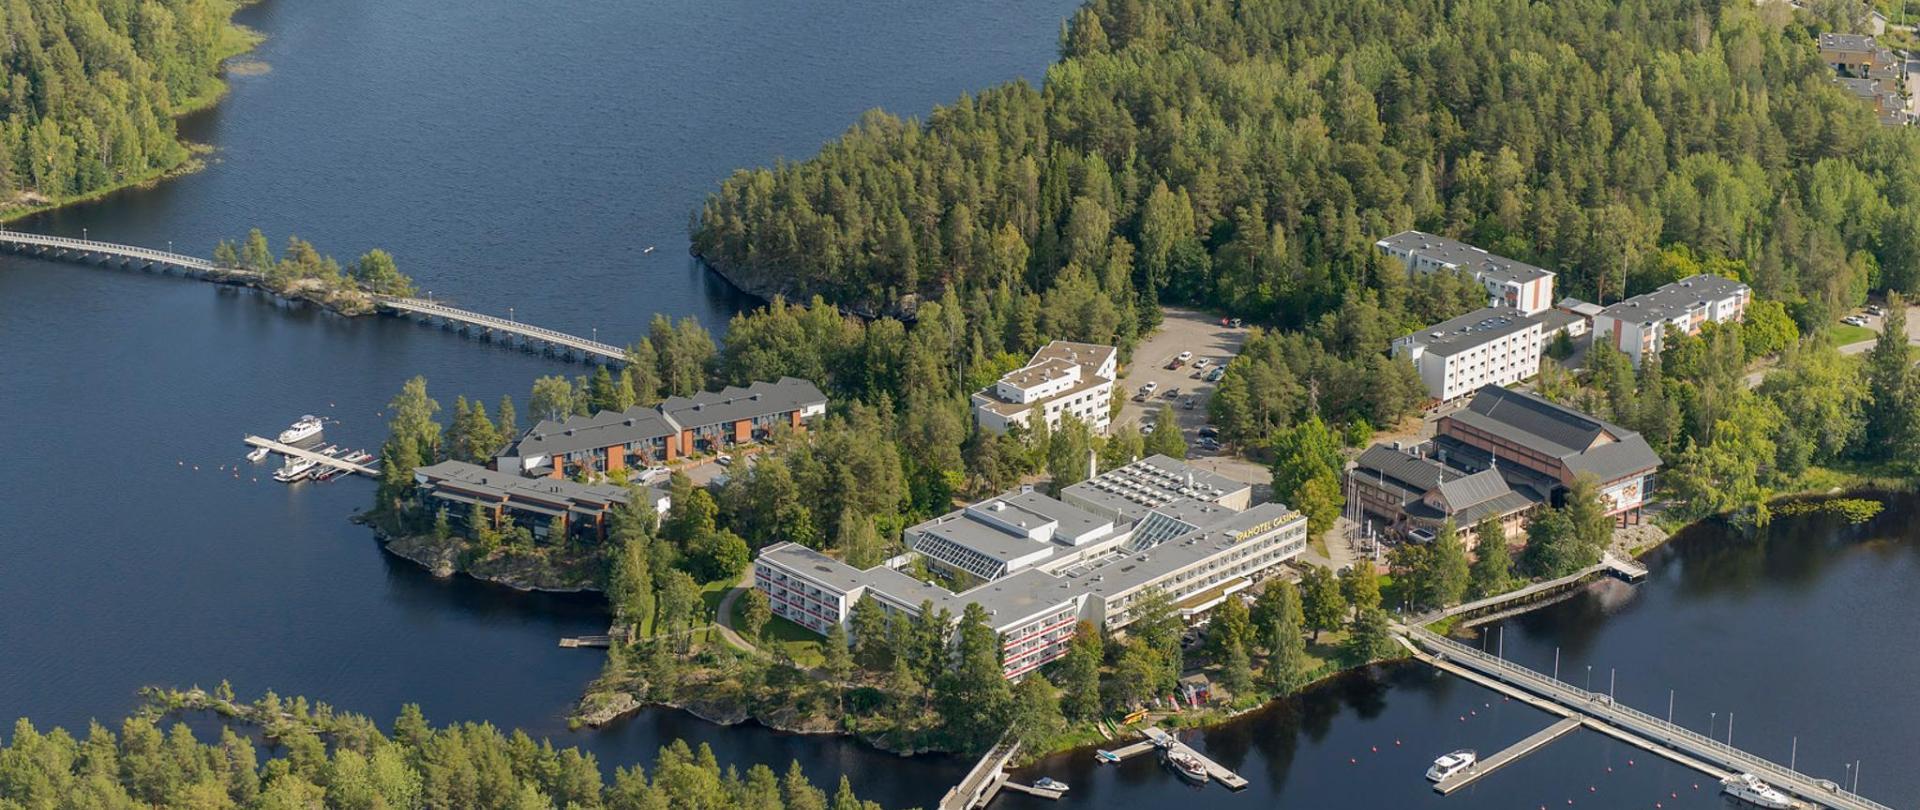 Summer Hotel Vuorilinna